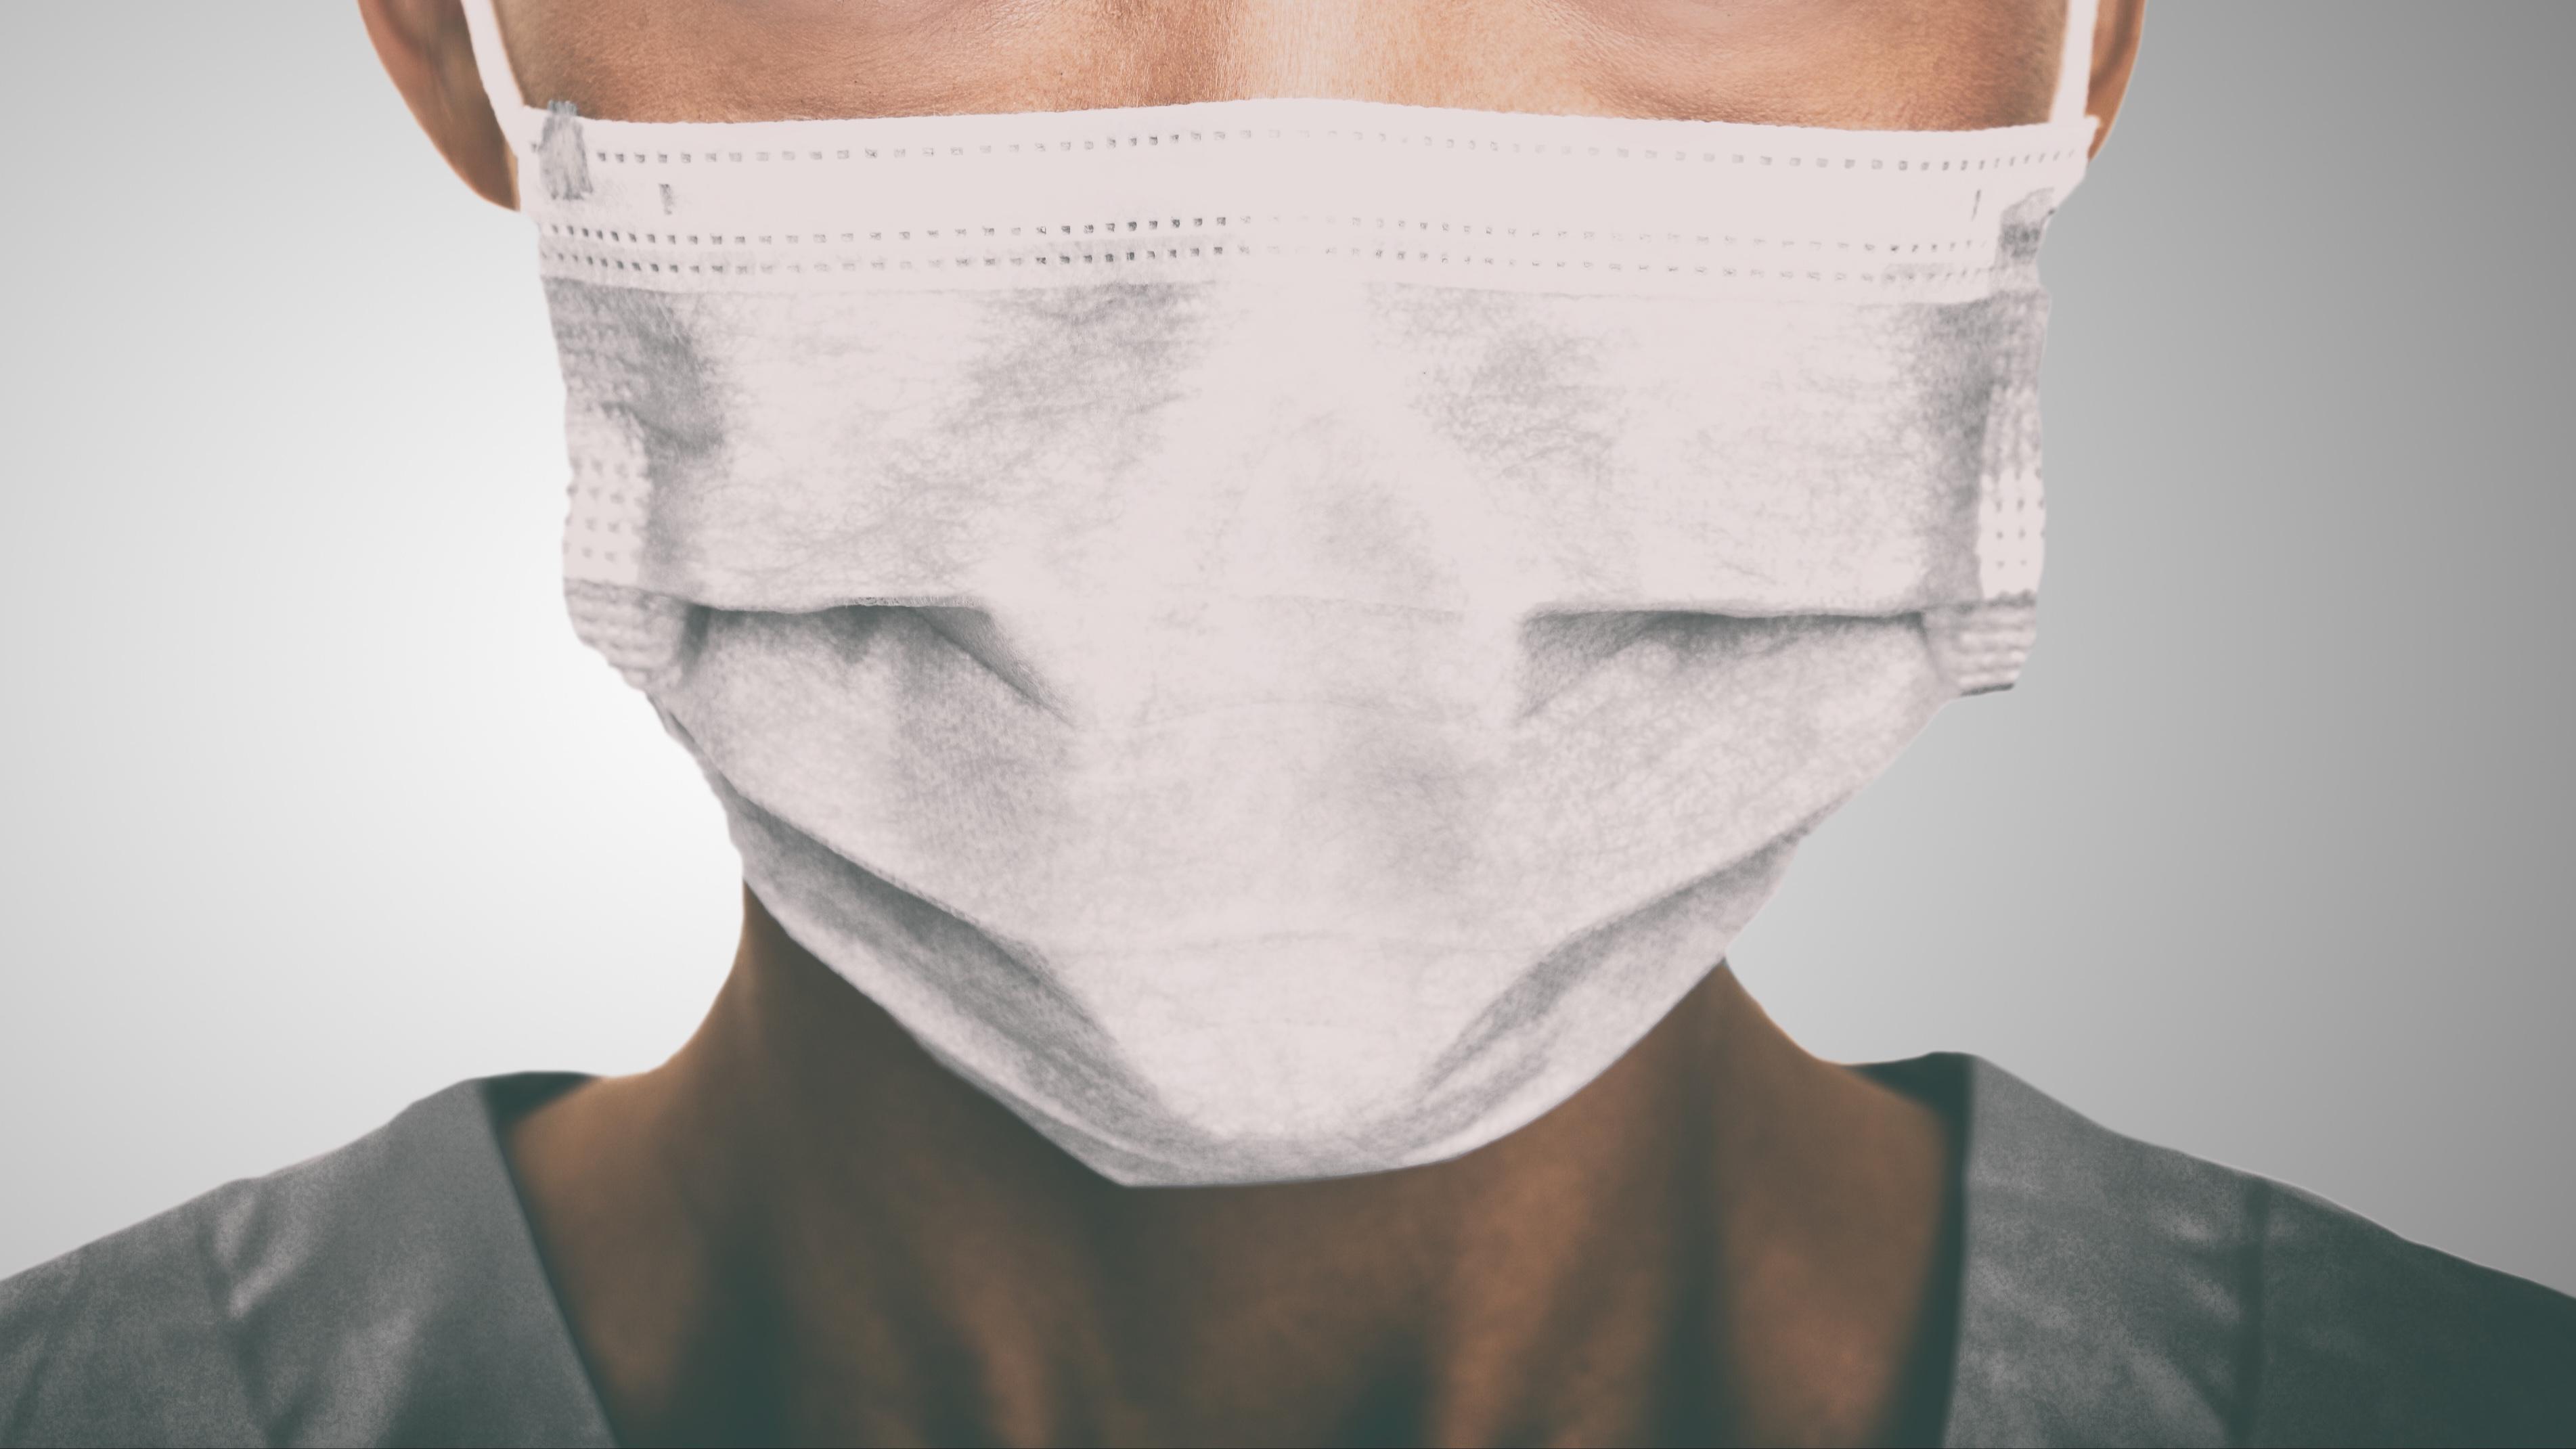 SENAI orienta indústria têxtil para aumentar a fabricação de máscaras e aventais